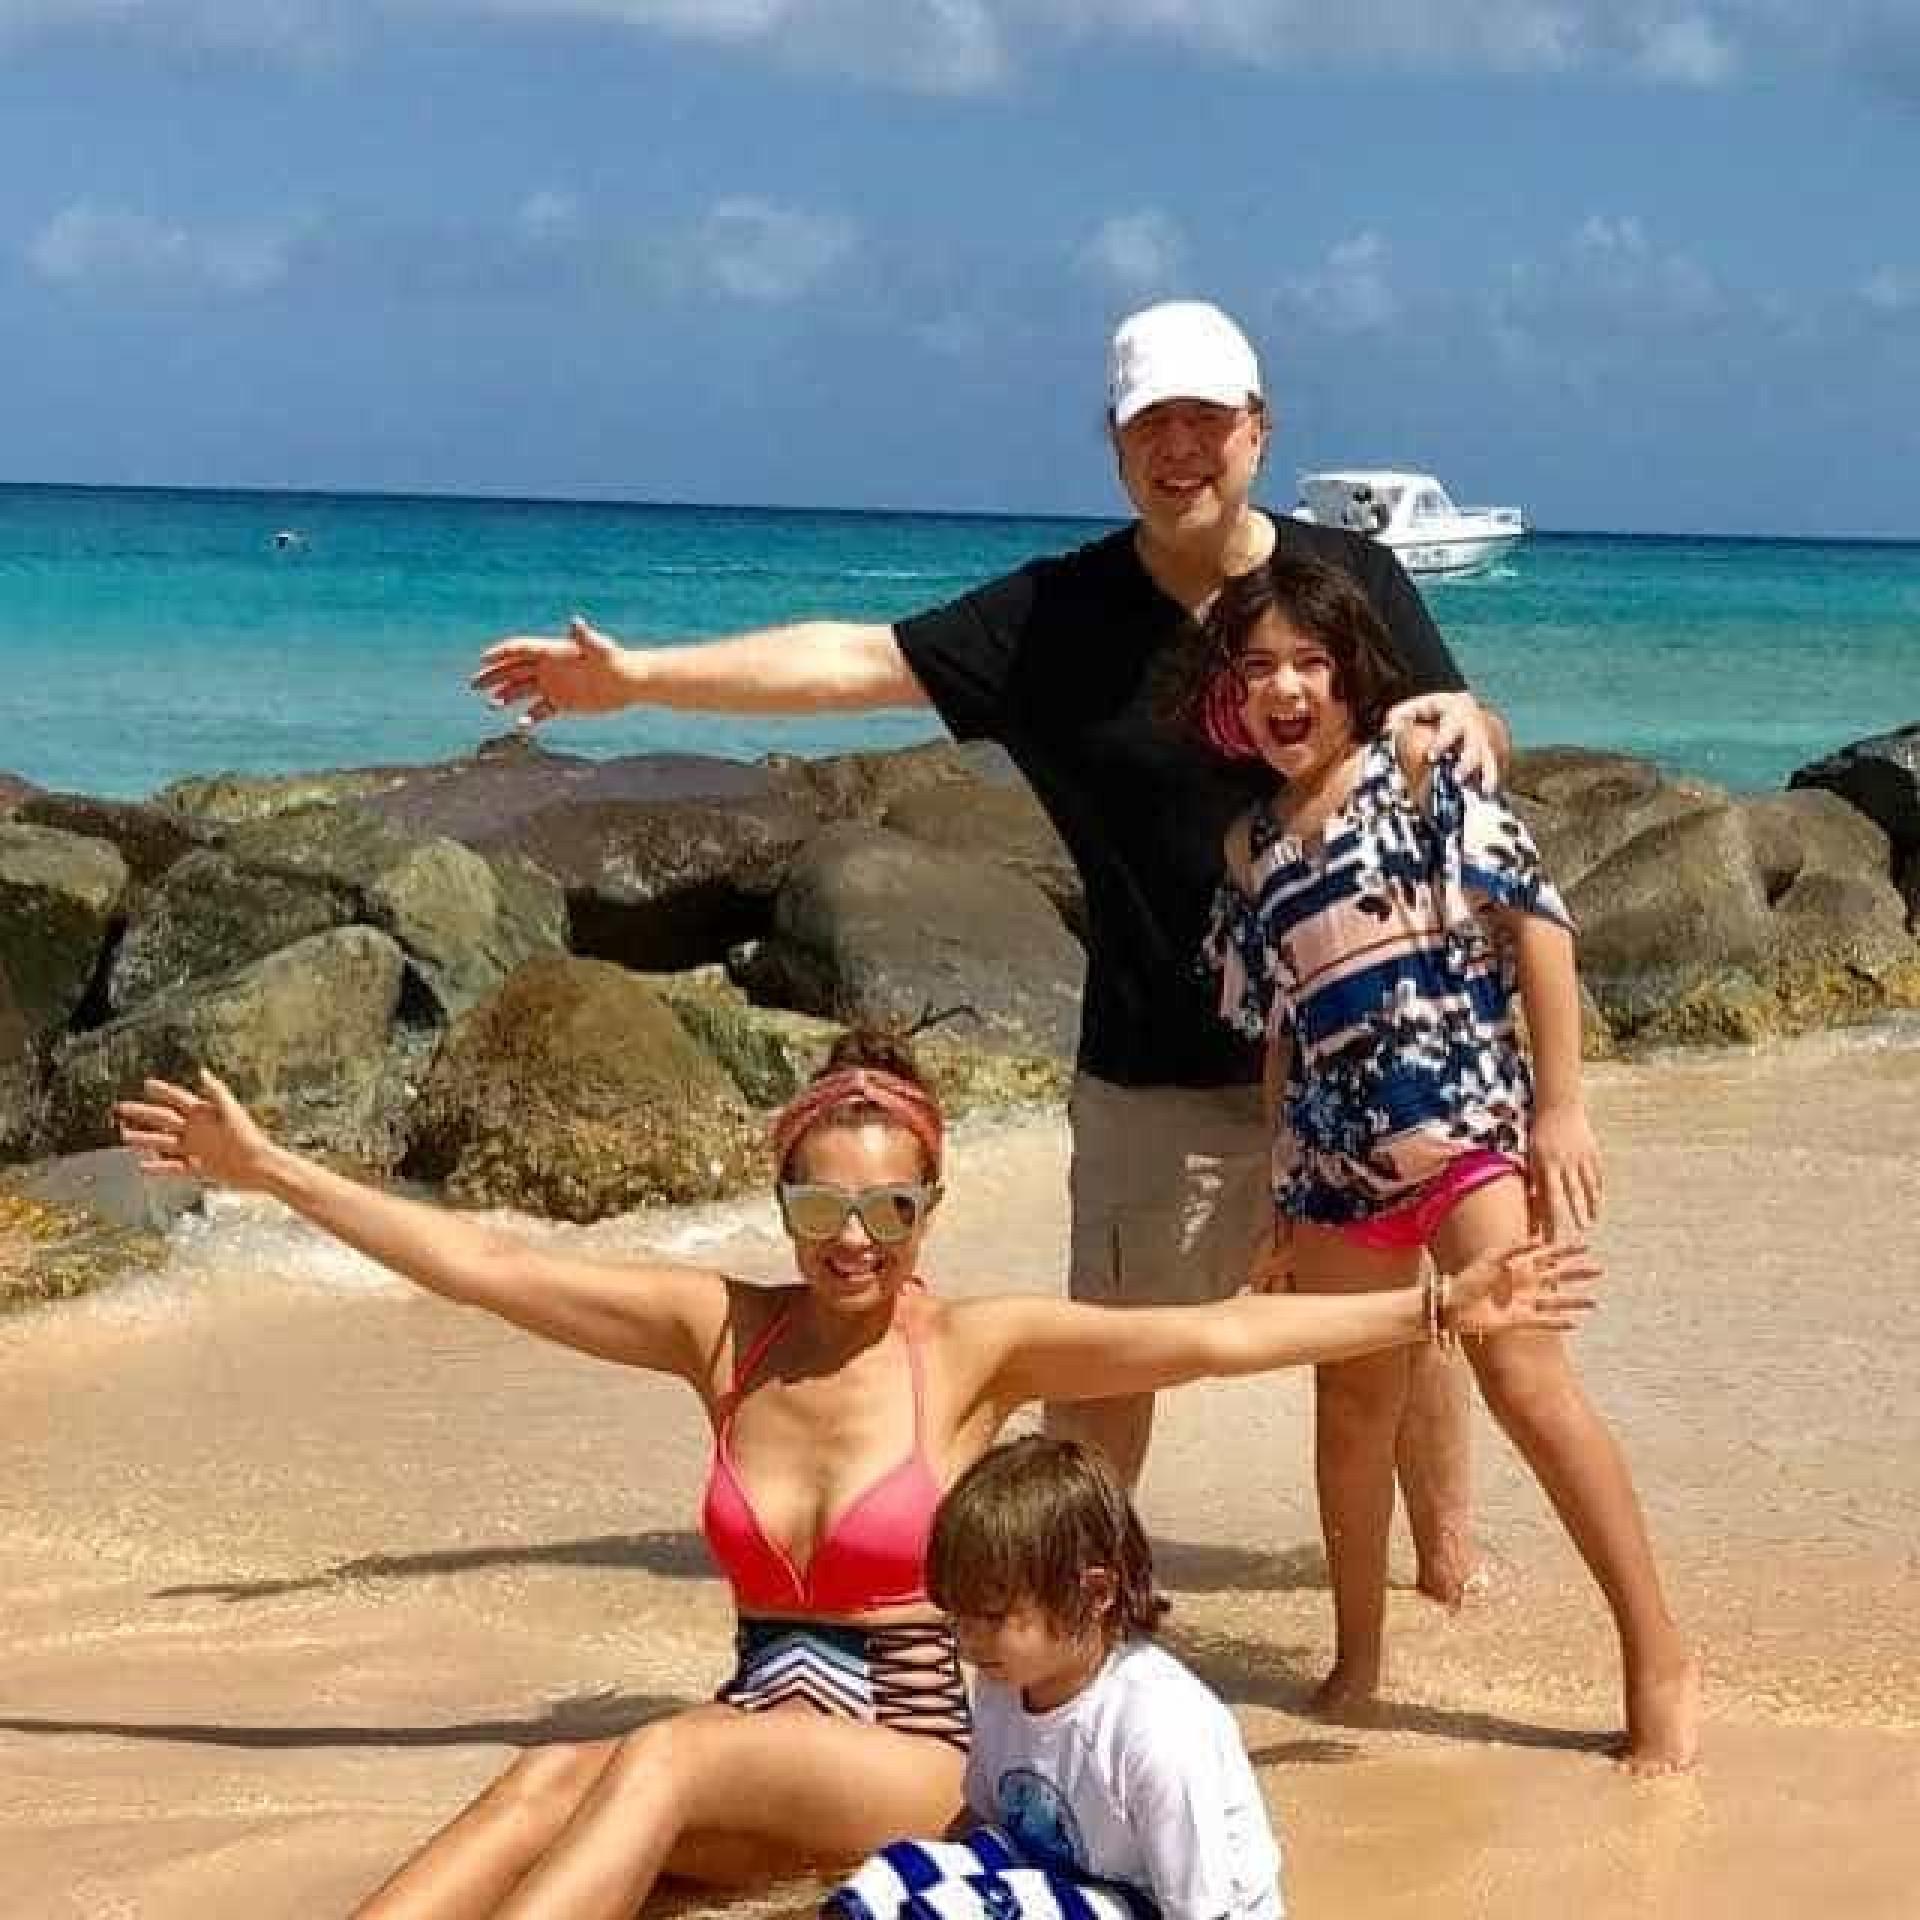 Aos 45 anos, Thalia mostra a boa forma física em férias com a família